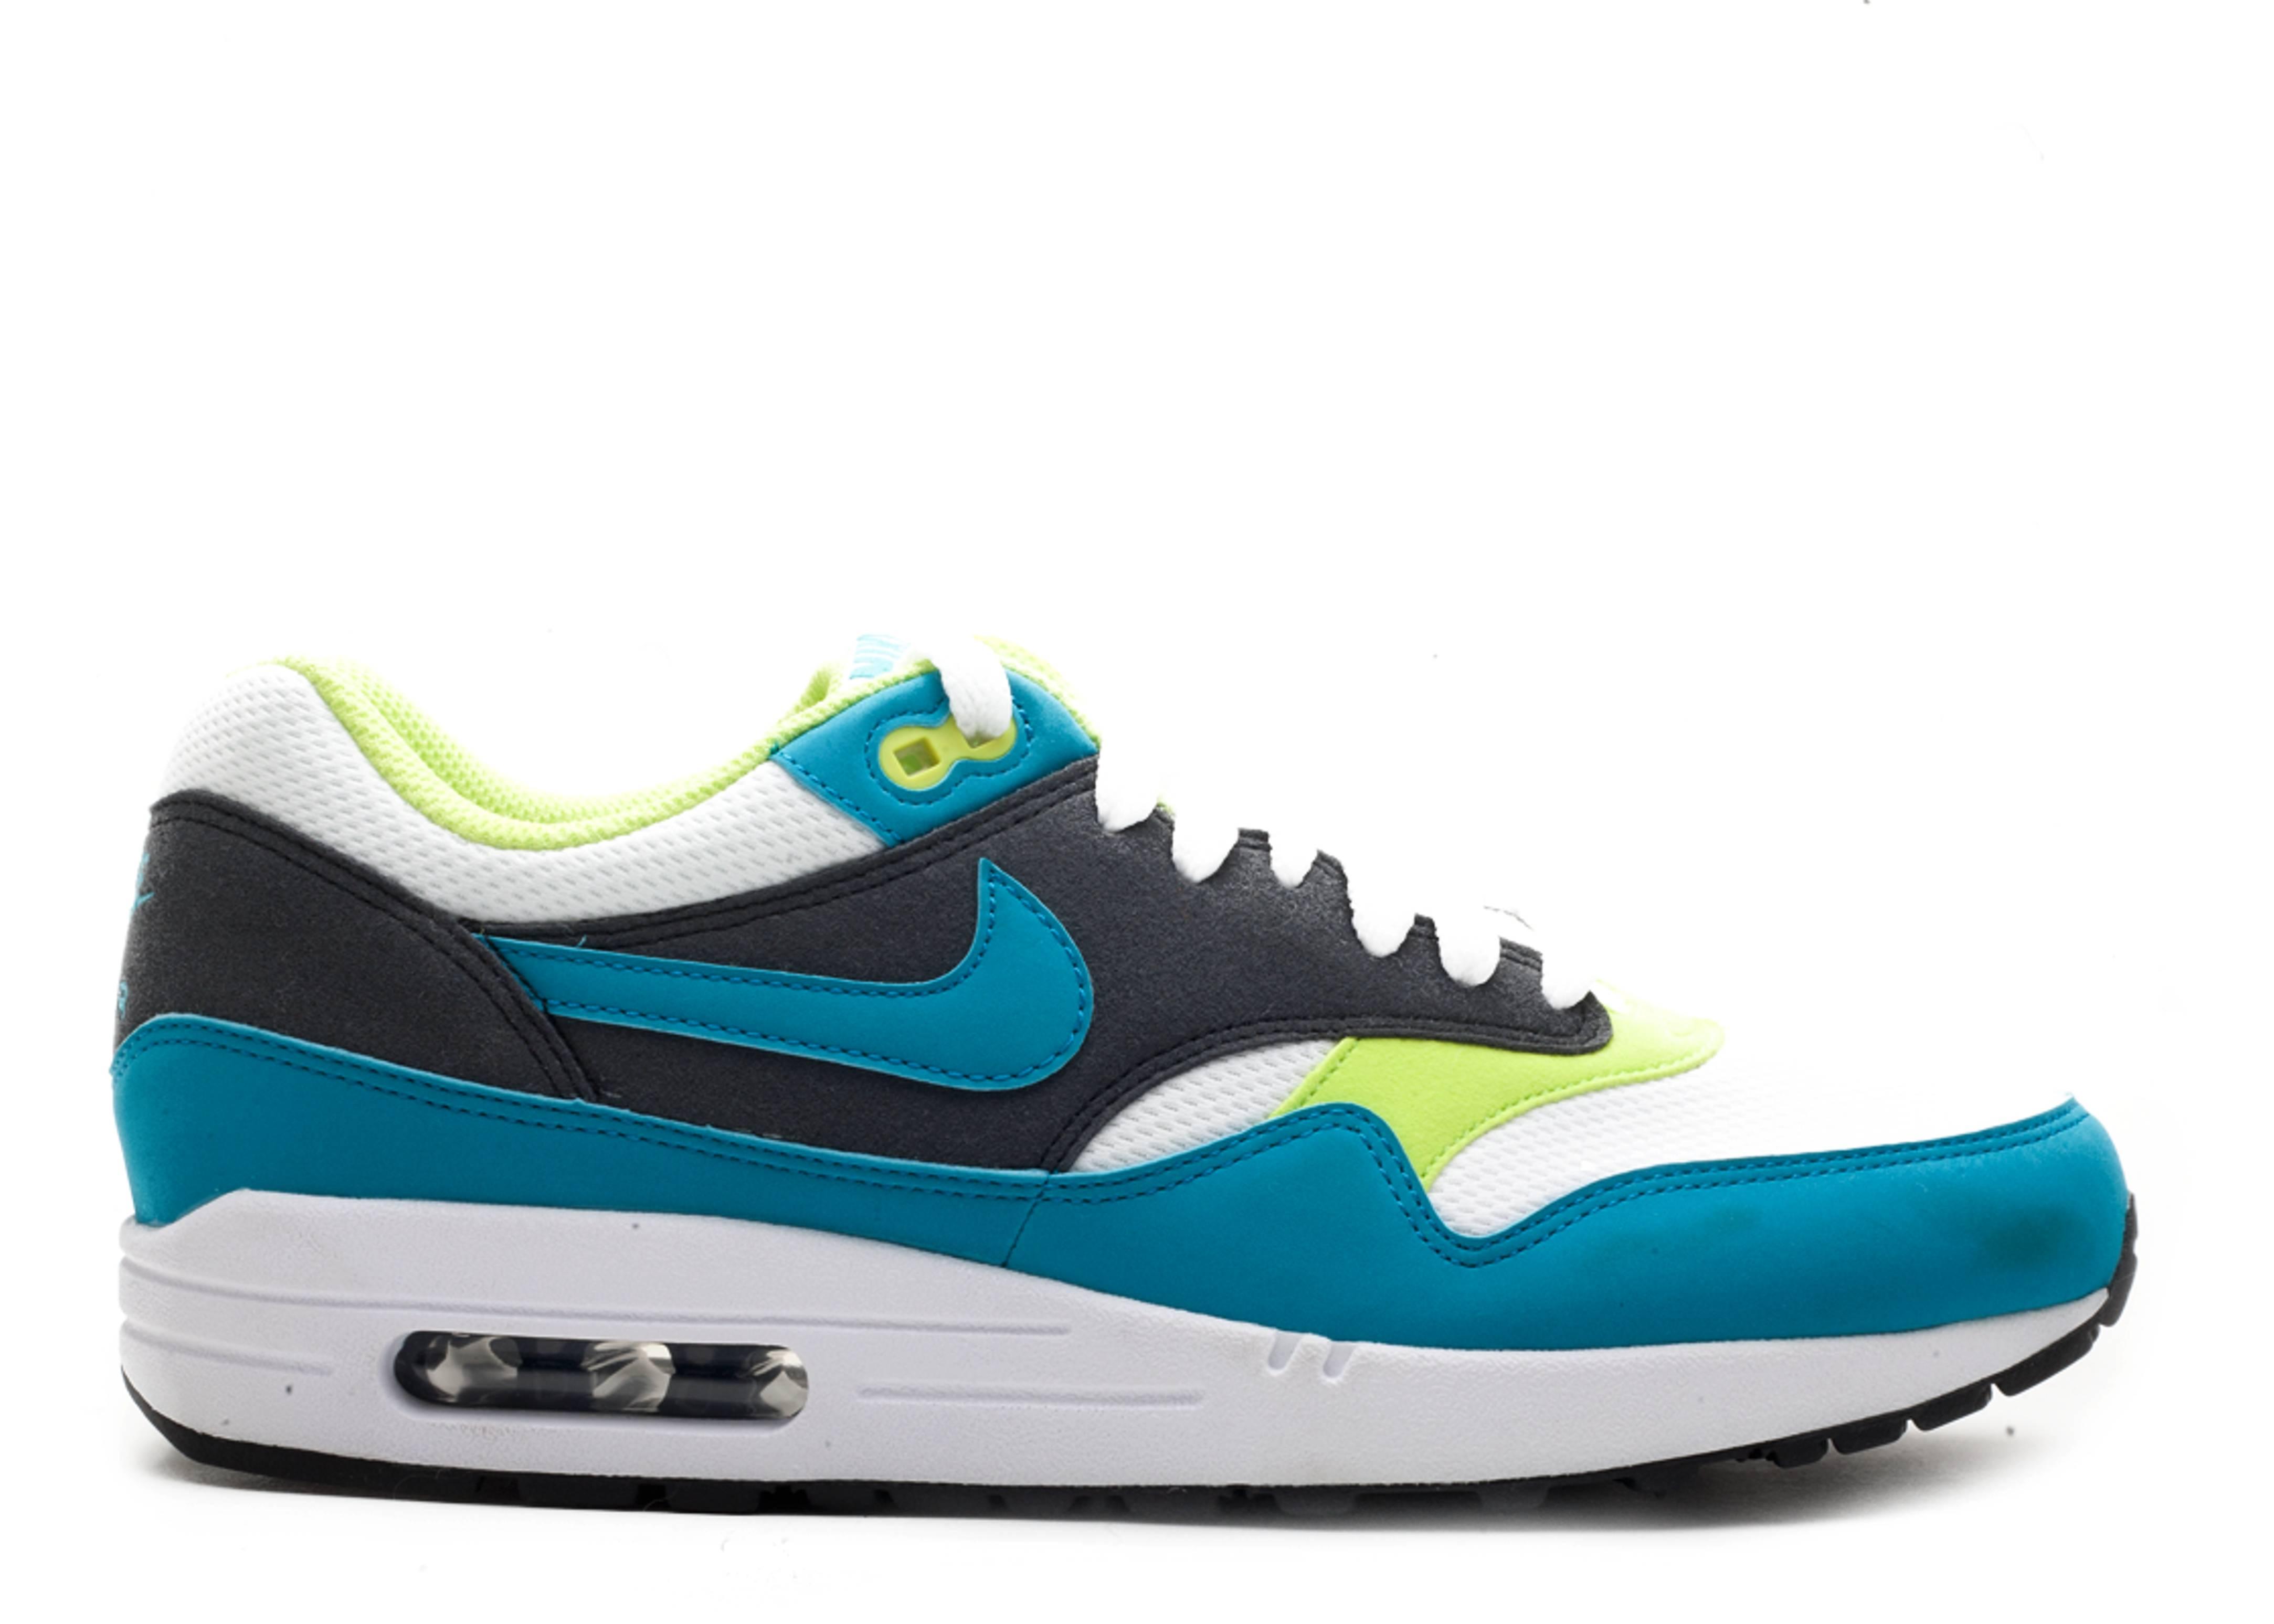 Green Nike Cybr Whiteturbo Anthrct Max 104 1 Air 308866 LUpzVGMqS